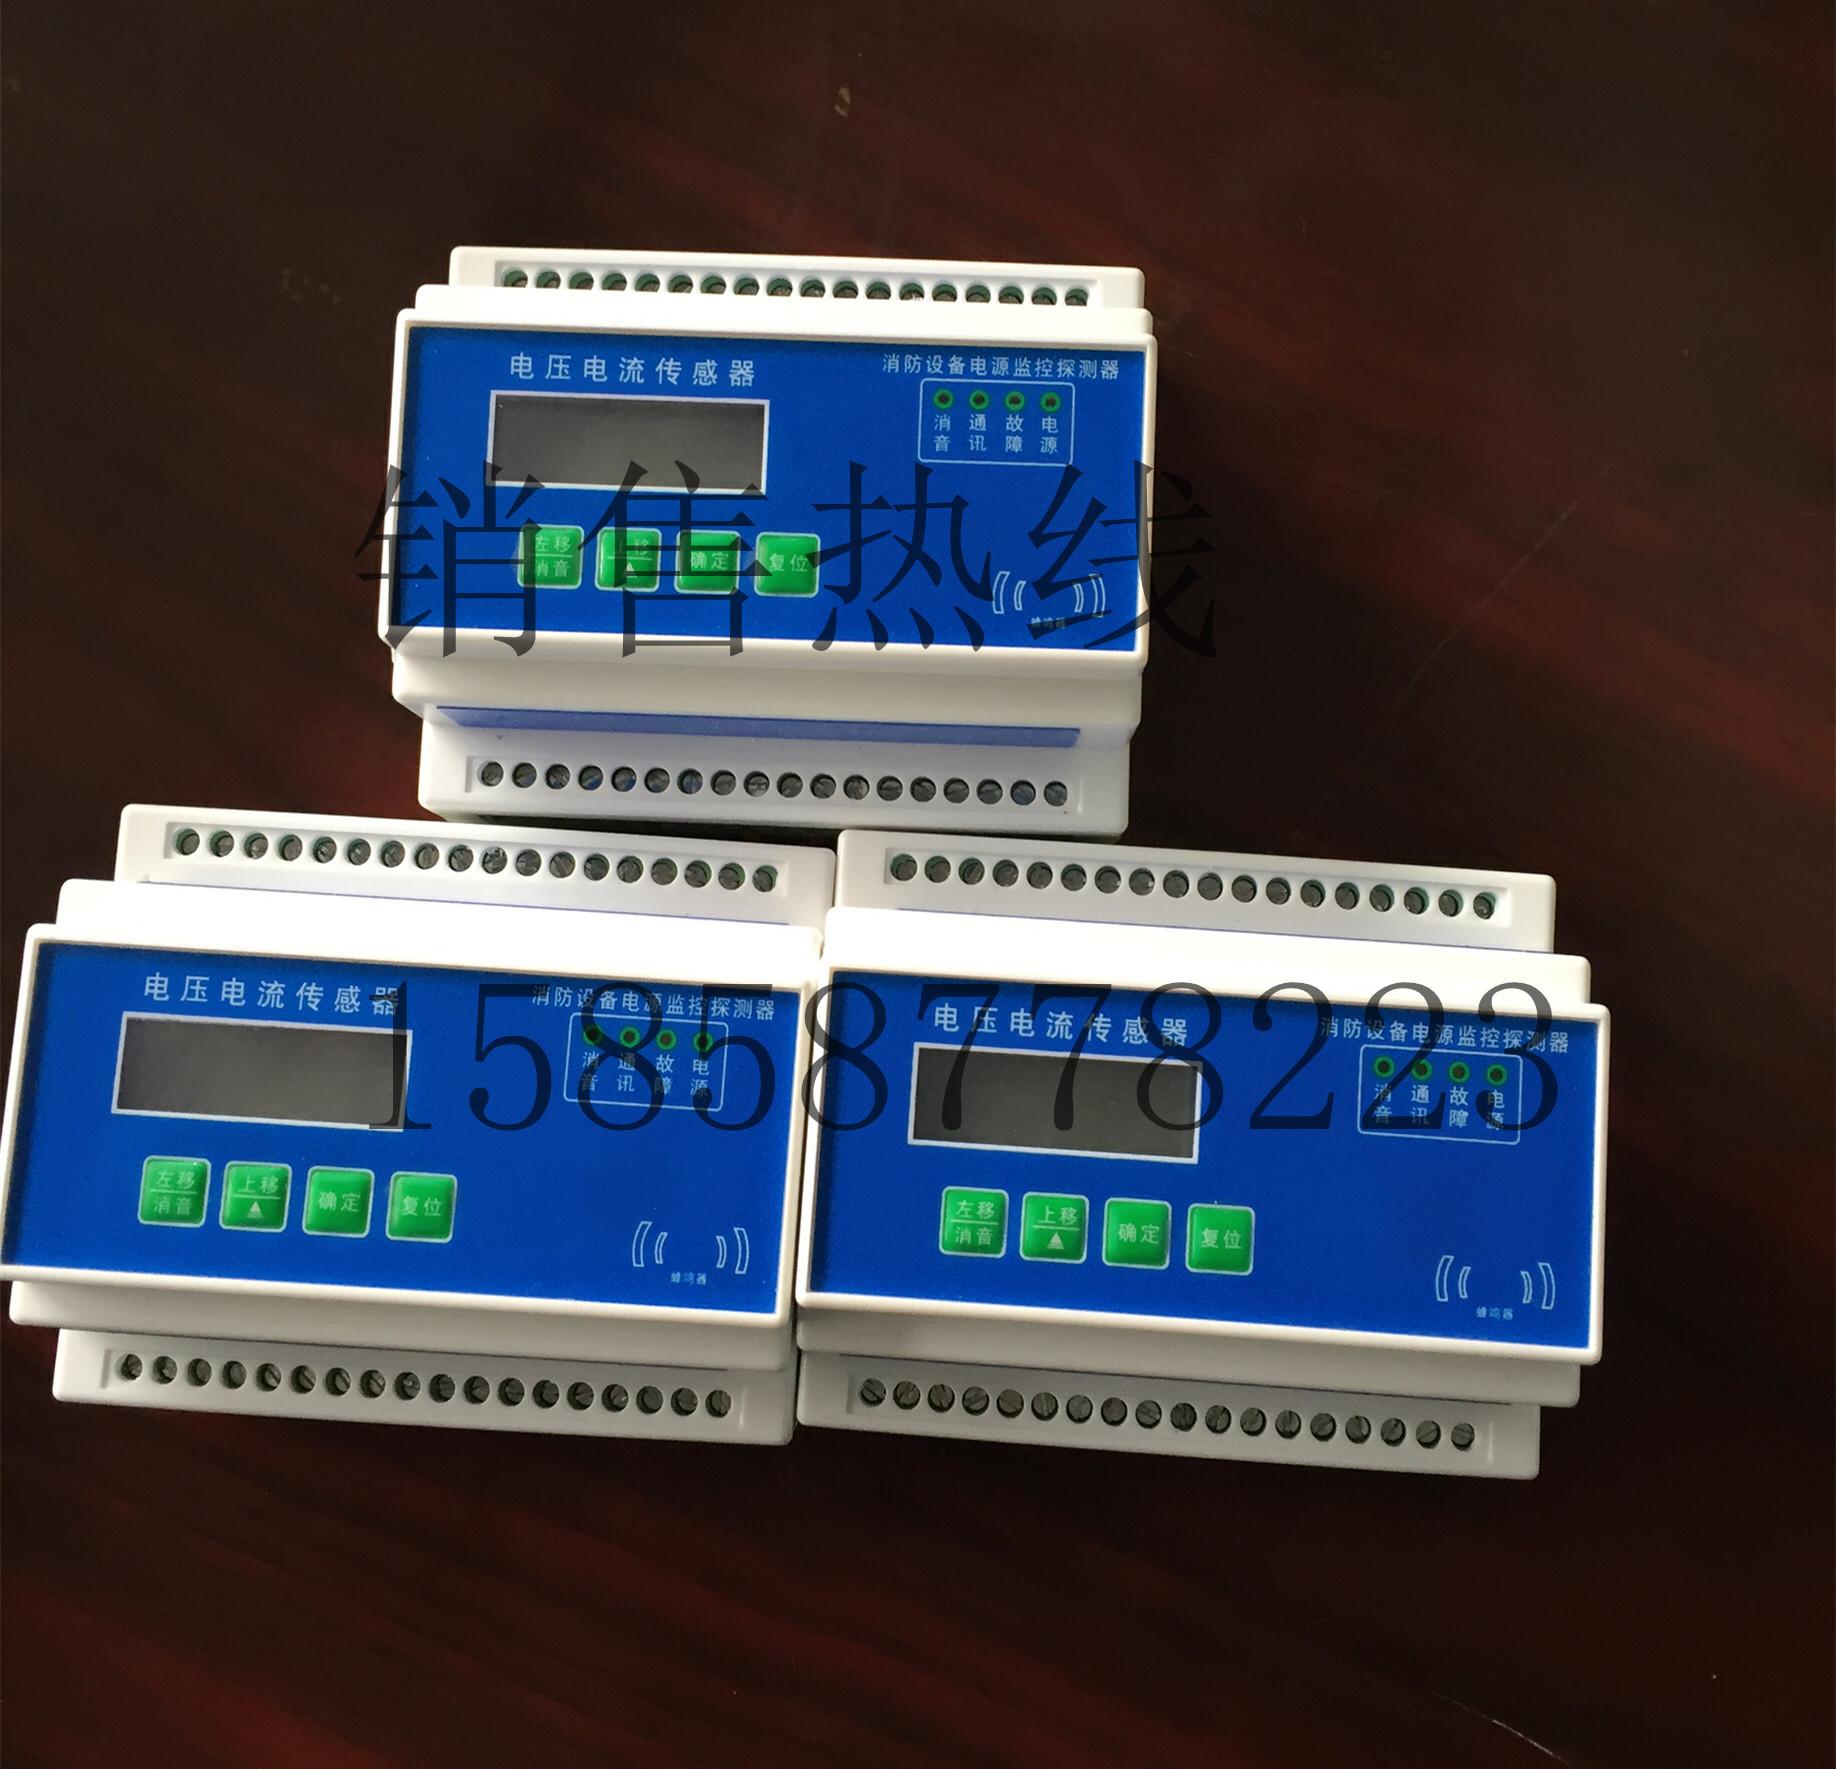 противопожарного оборудования питания модуля мониторинга / датчик / системы / детектор 1 2 петля напряжение мониторинга контура